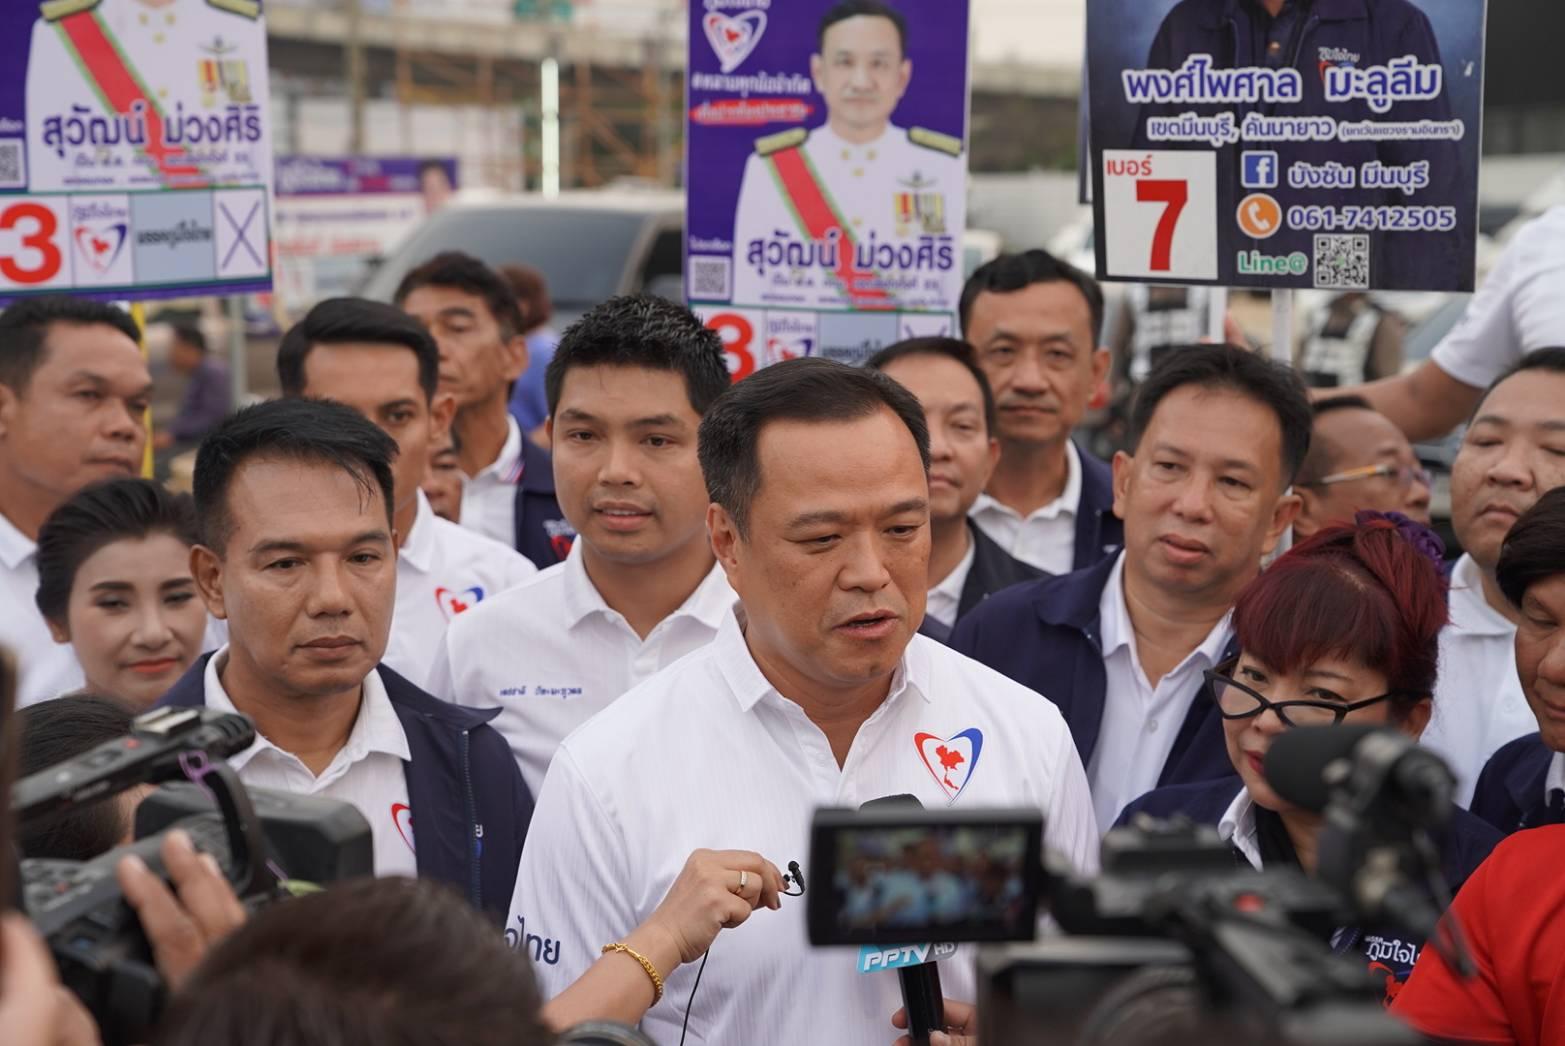 พรรคภูมิใจไทย อนุทิน ชาญวีรกูล เลือกตั้ง62